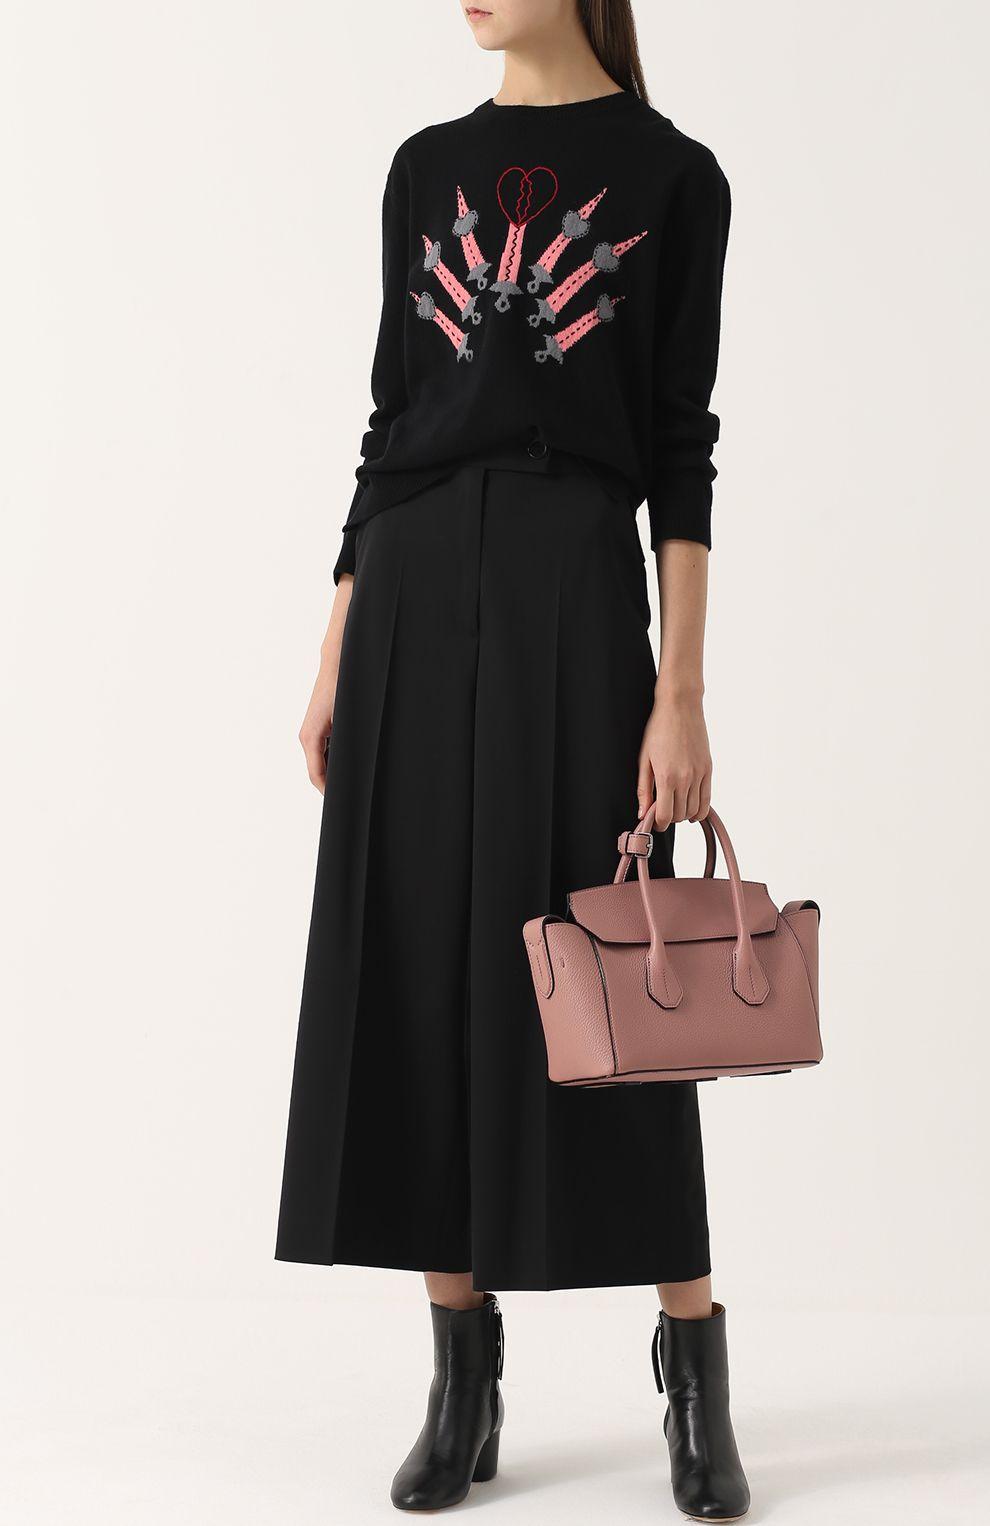 d9436459ad51 Женская светло-розовая сумка sommet small Bally, арт. S0MMET SM.N купить